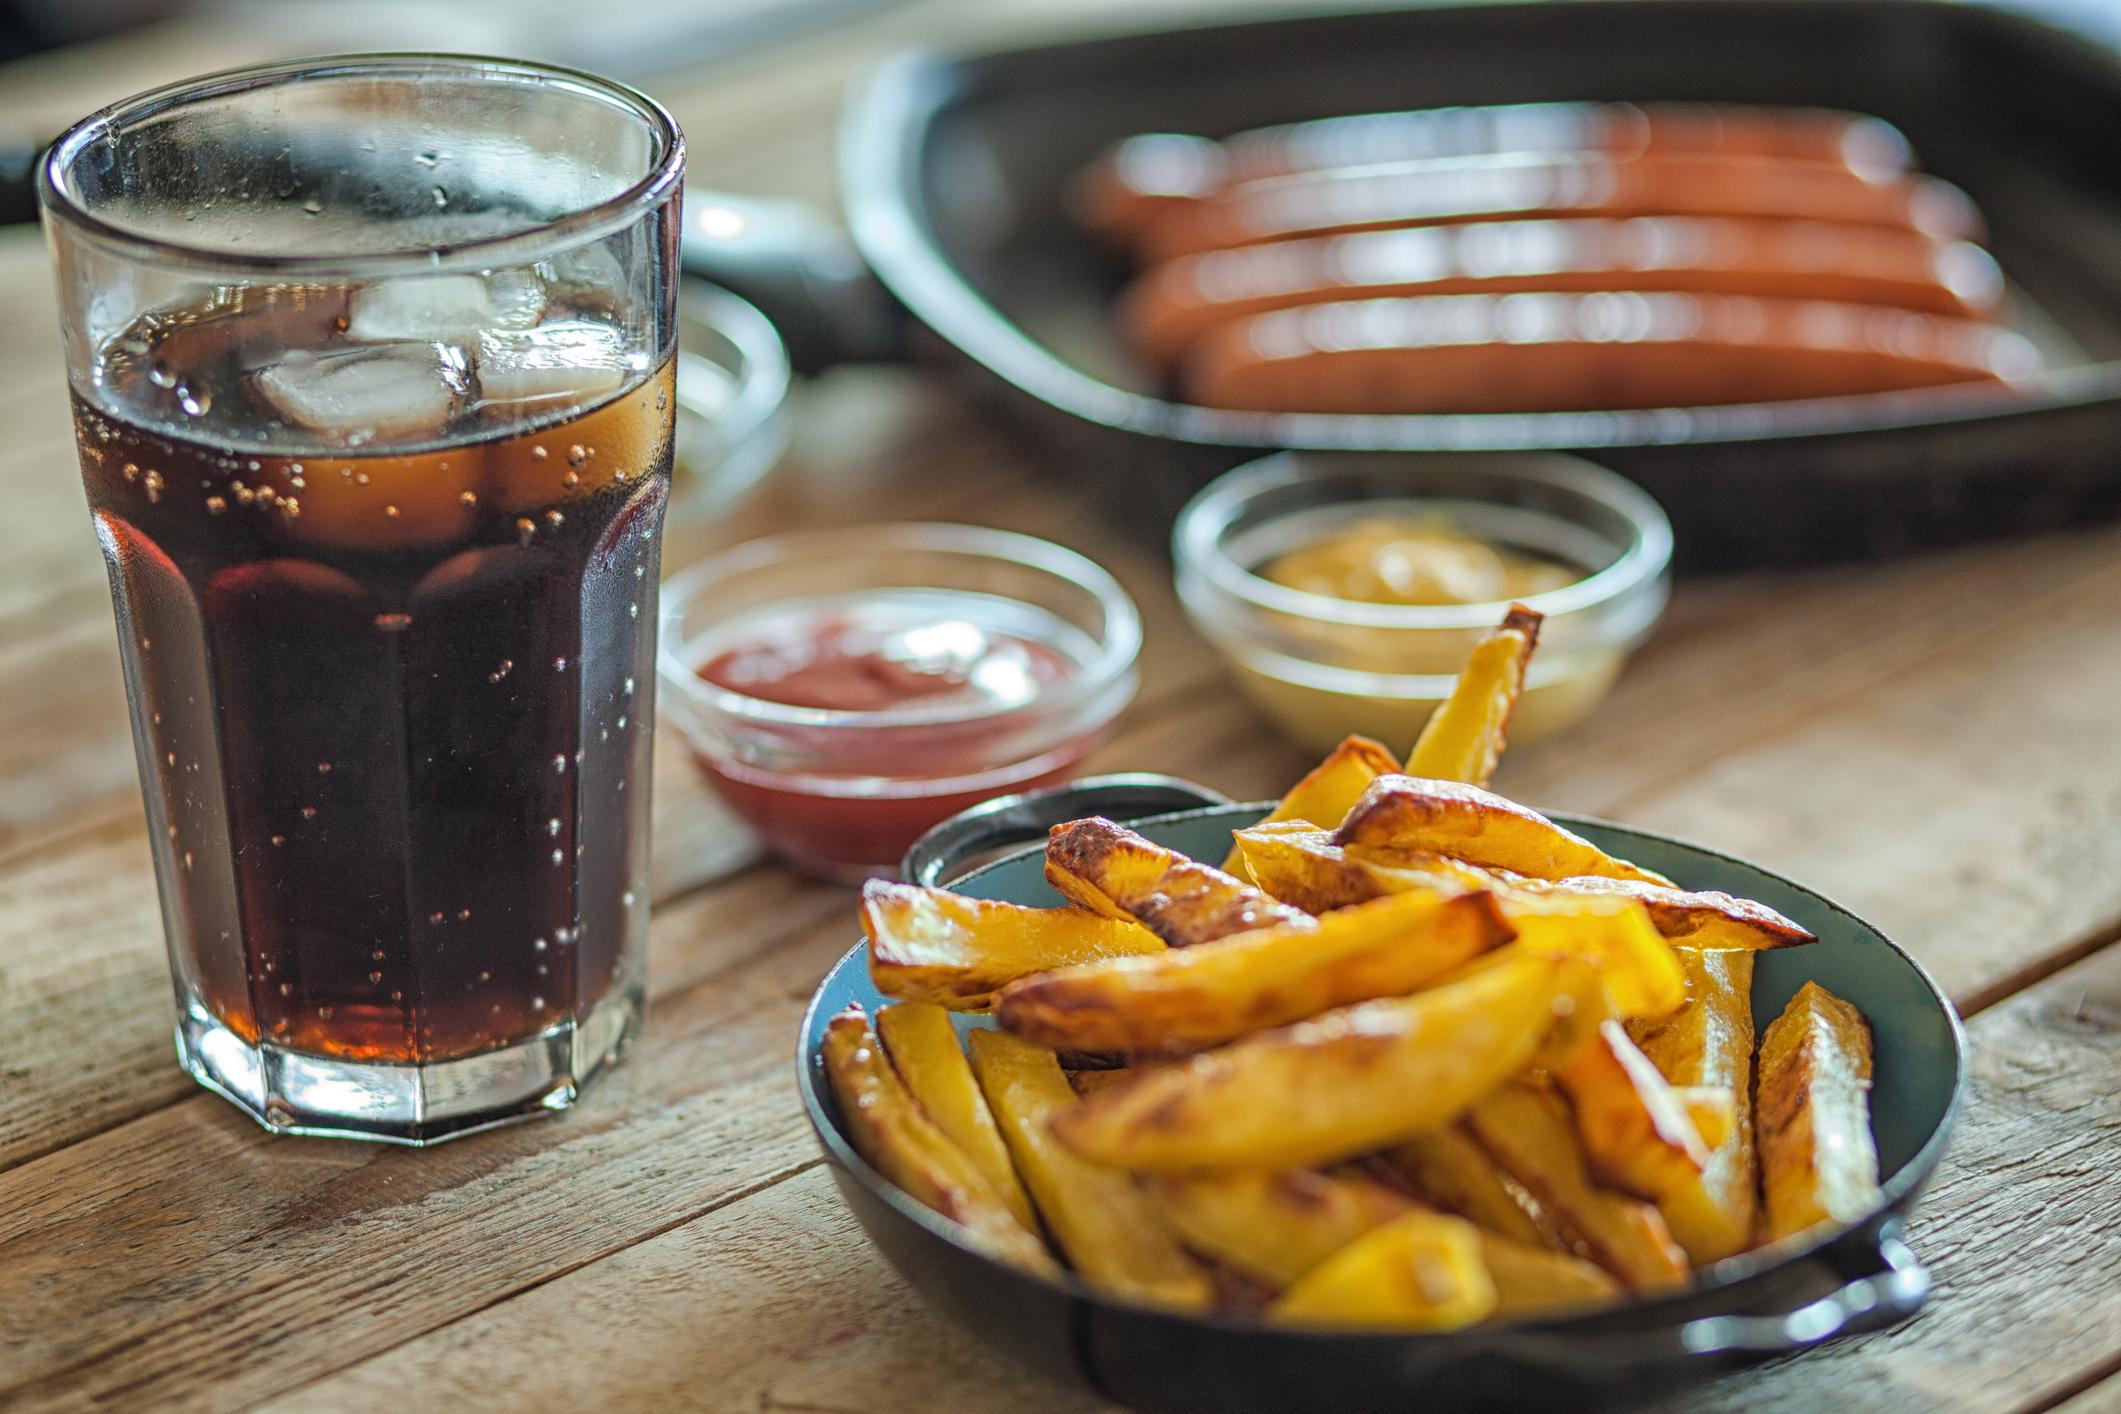 Consumir este edulcorante común con carbohidratos podría dañar tu metabolismo, según estudio